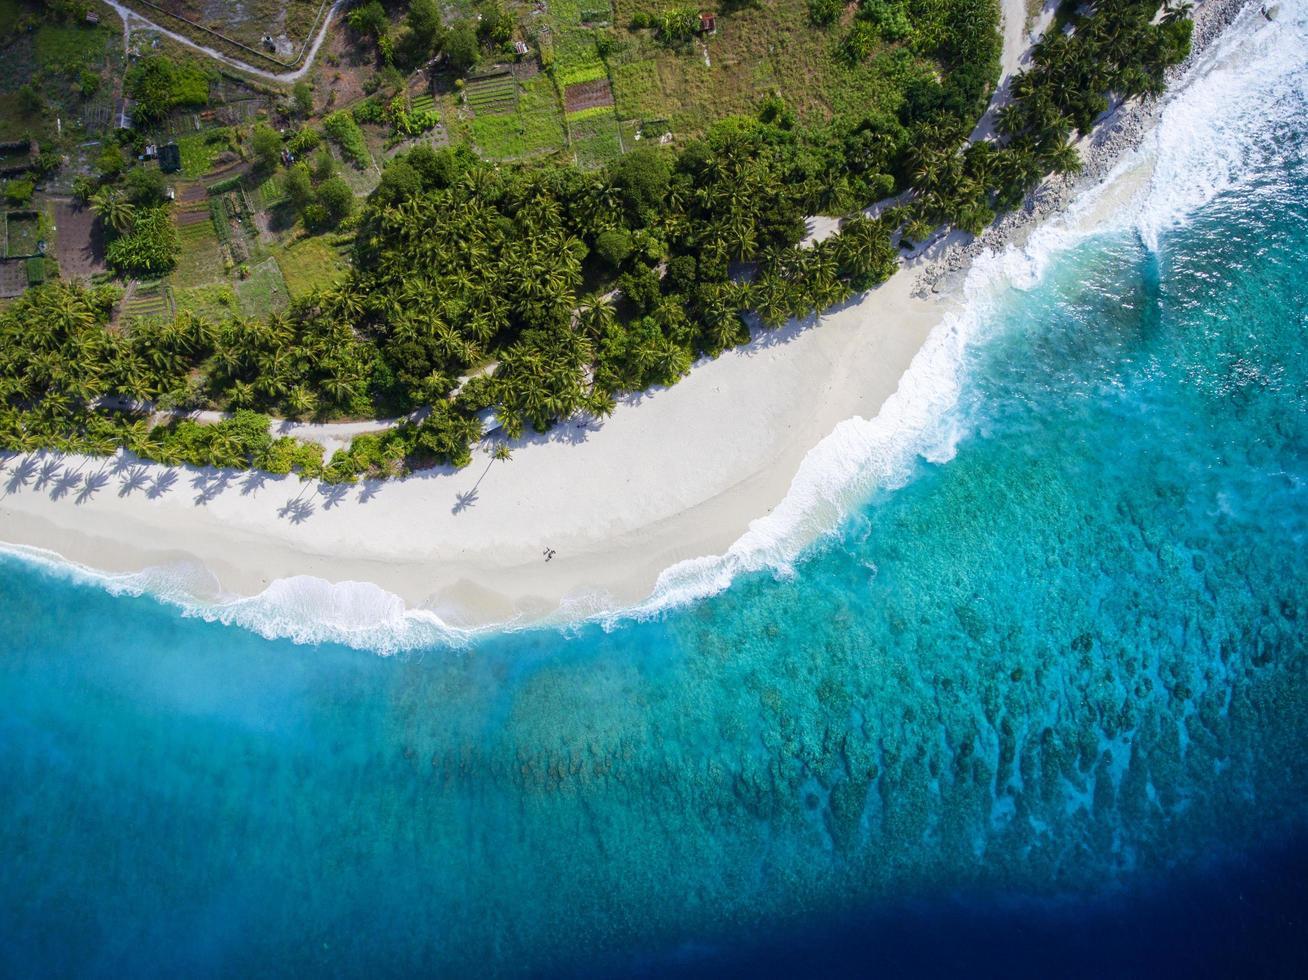 isola di fuvahmulah, maldive, 2020 - una veduta aerea di un resort sulla spiaggia foto